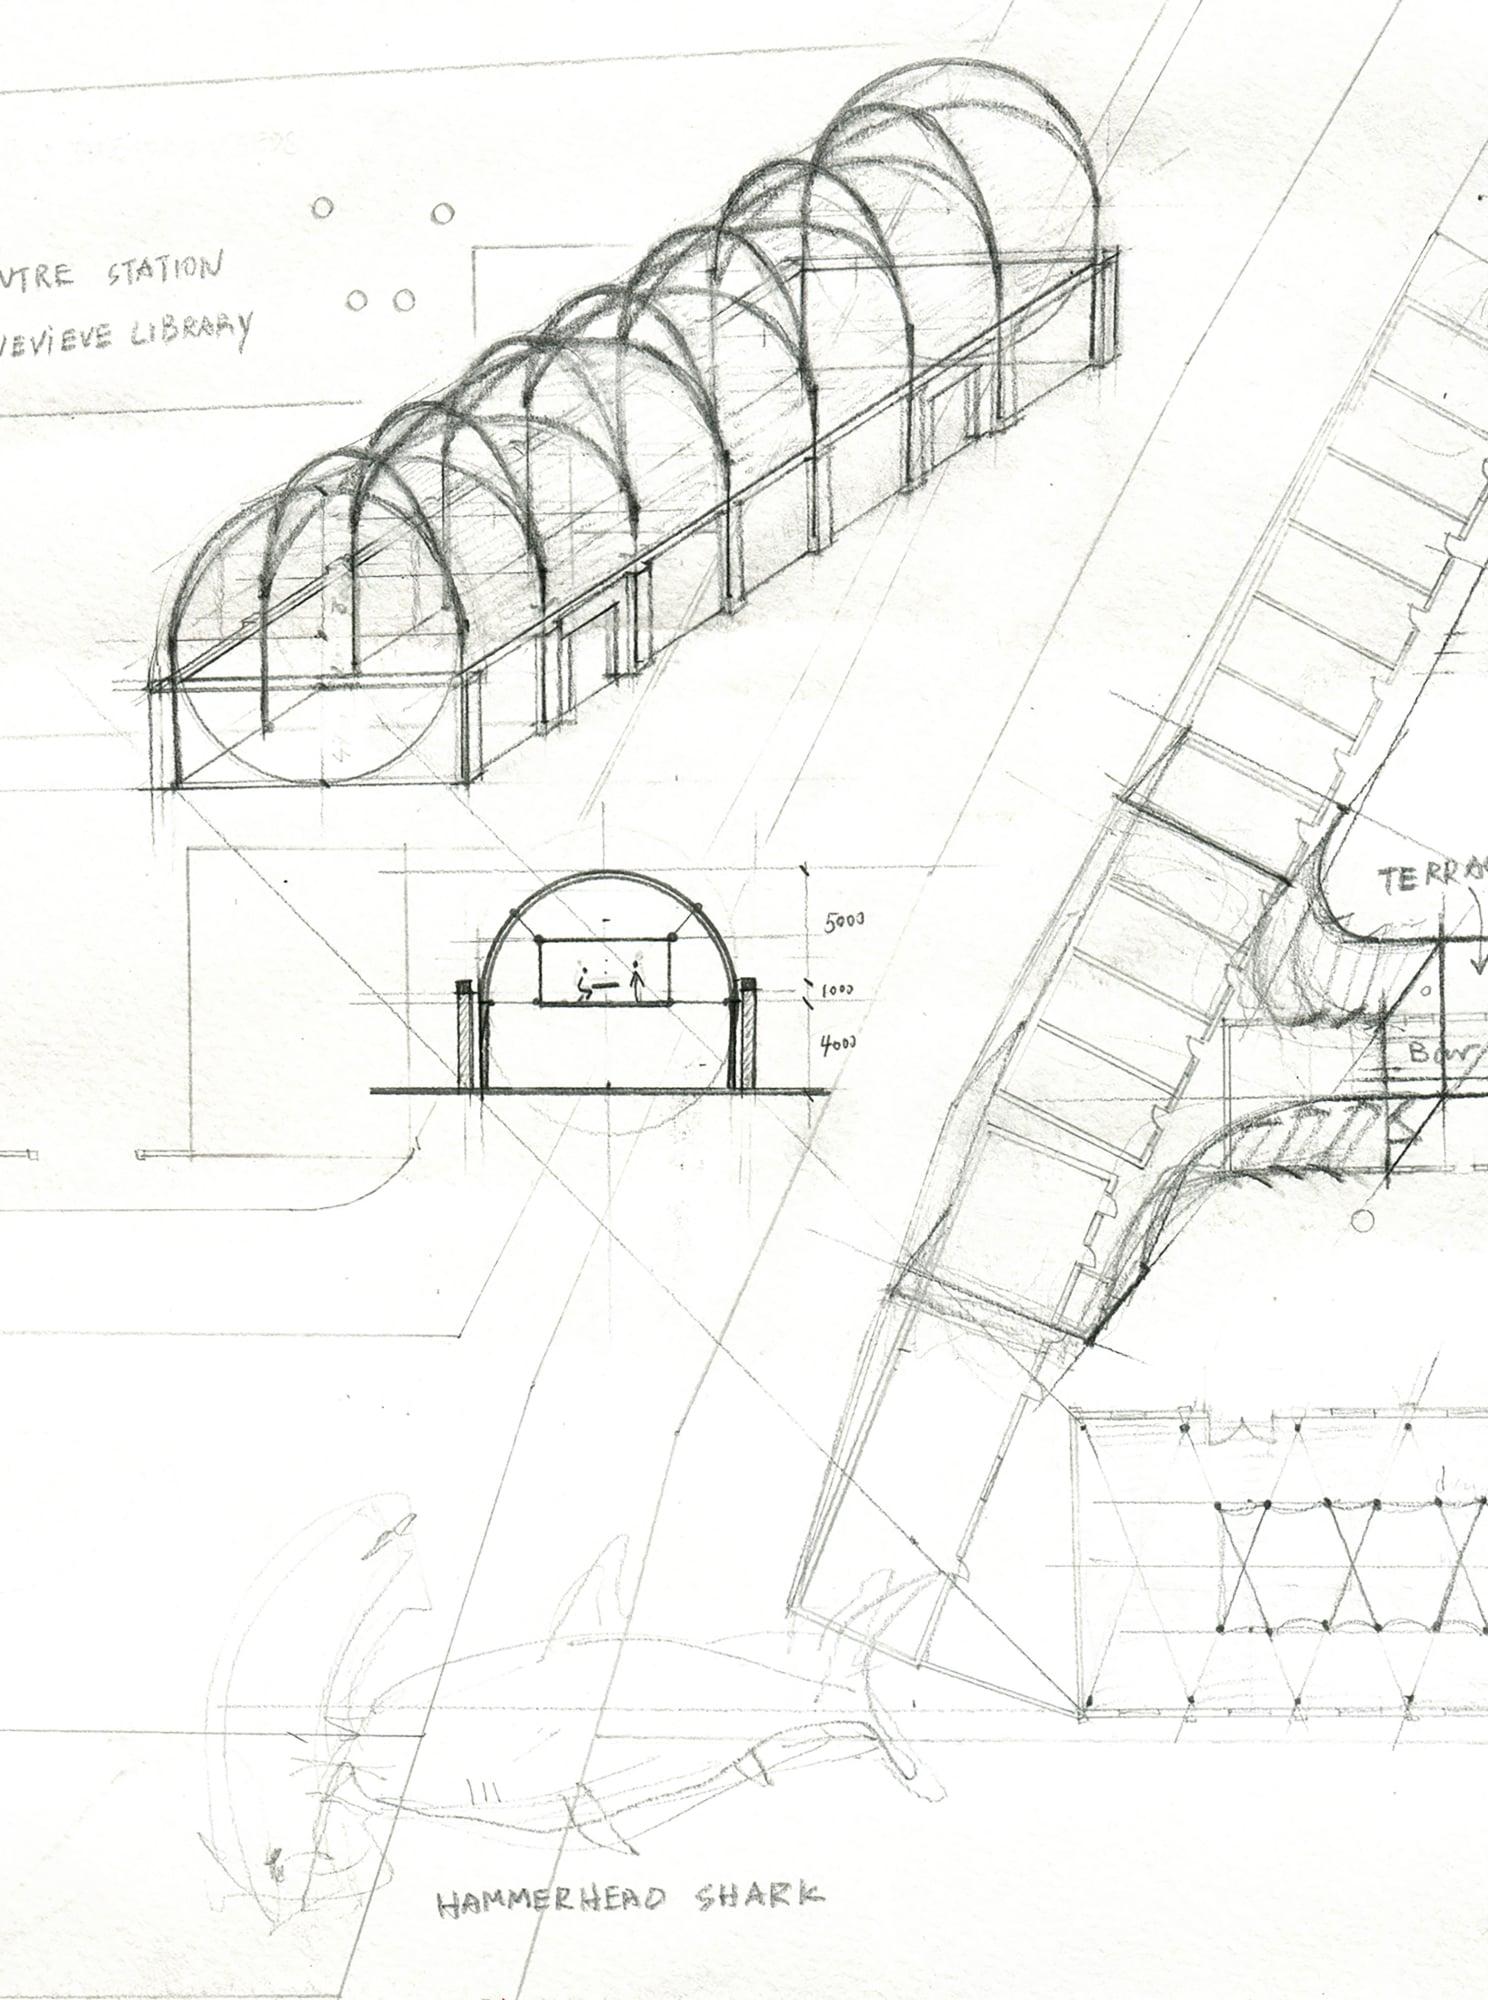 1488x2000 Atelier Liu Yuyang Architects, Xia Zhi Cidi Memo Itown Divisare